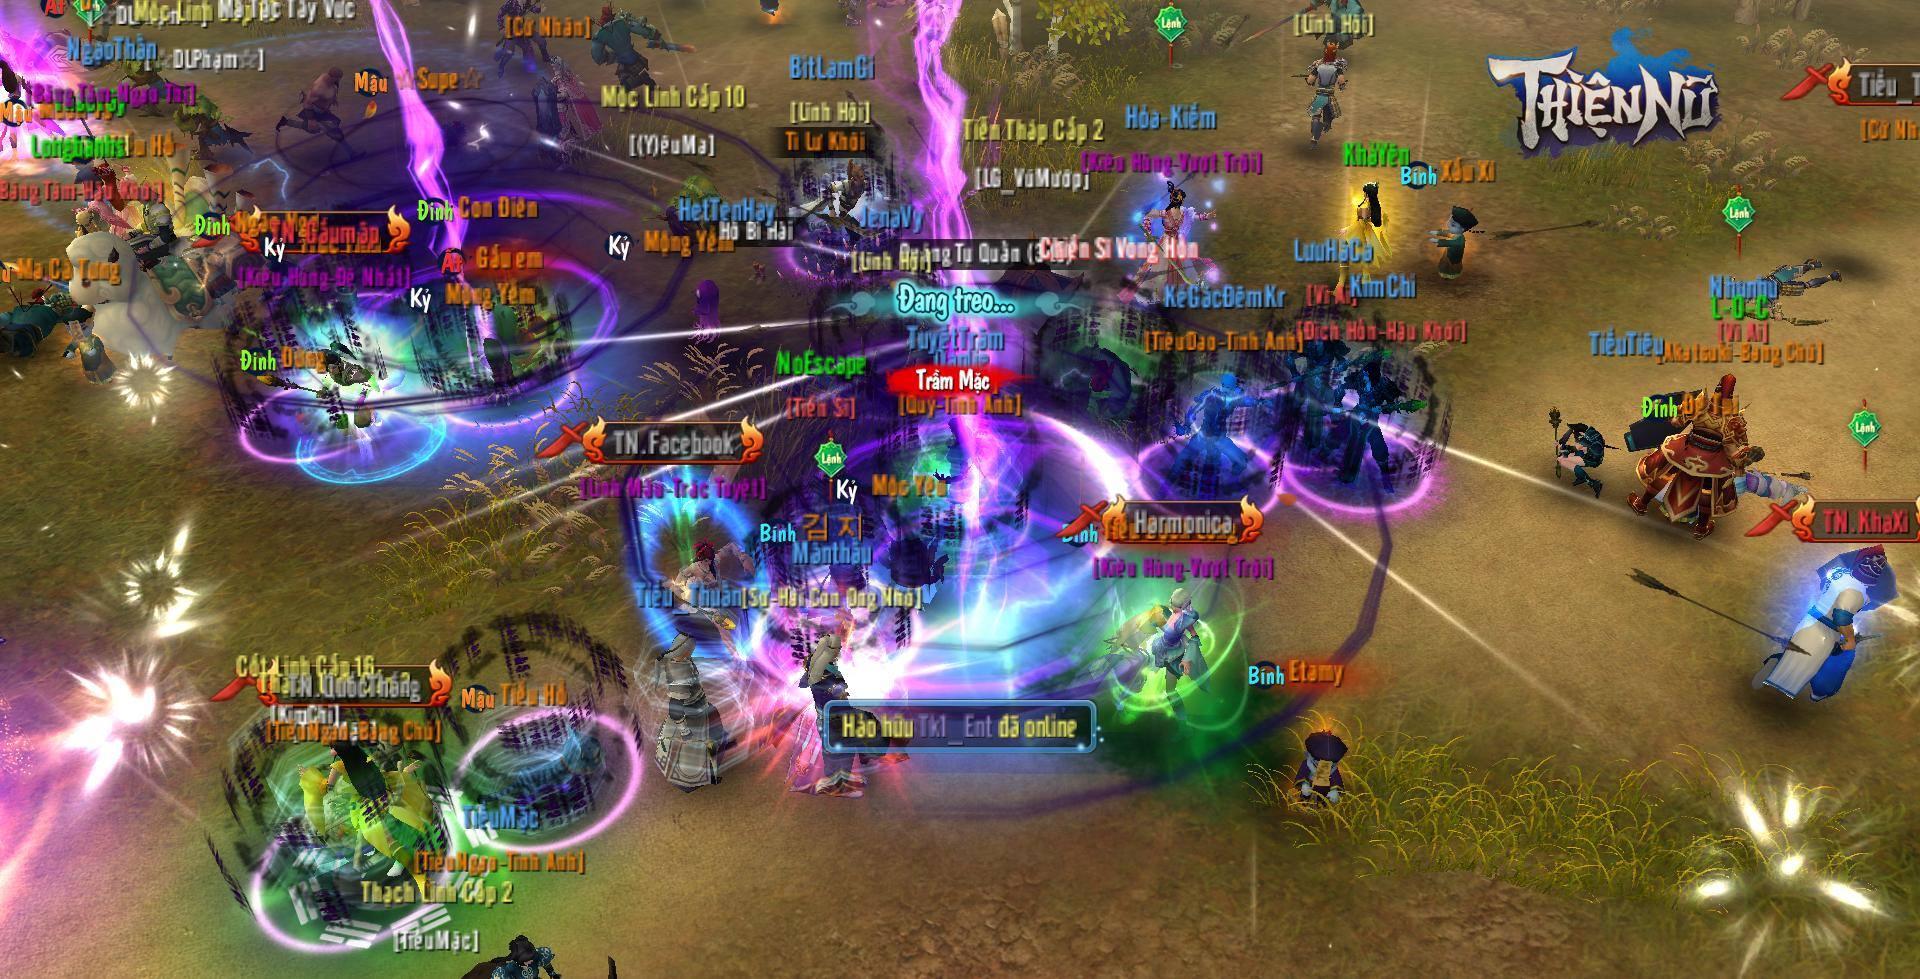 3 máy chủ là không đủ với Thiện Nữ Mobile, game thủ yêu cầu VNG sớm ra máy chủ mới 4